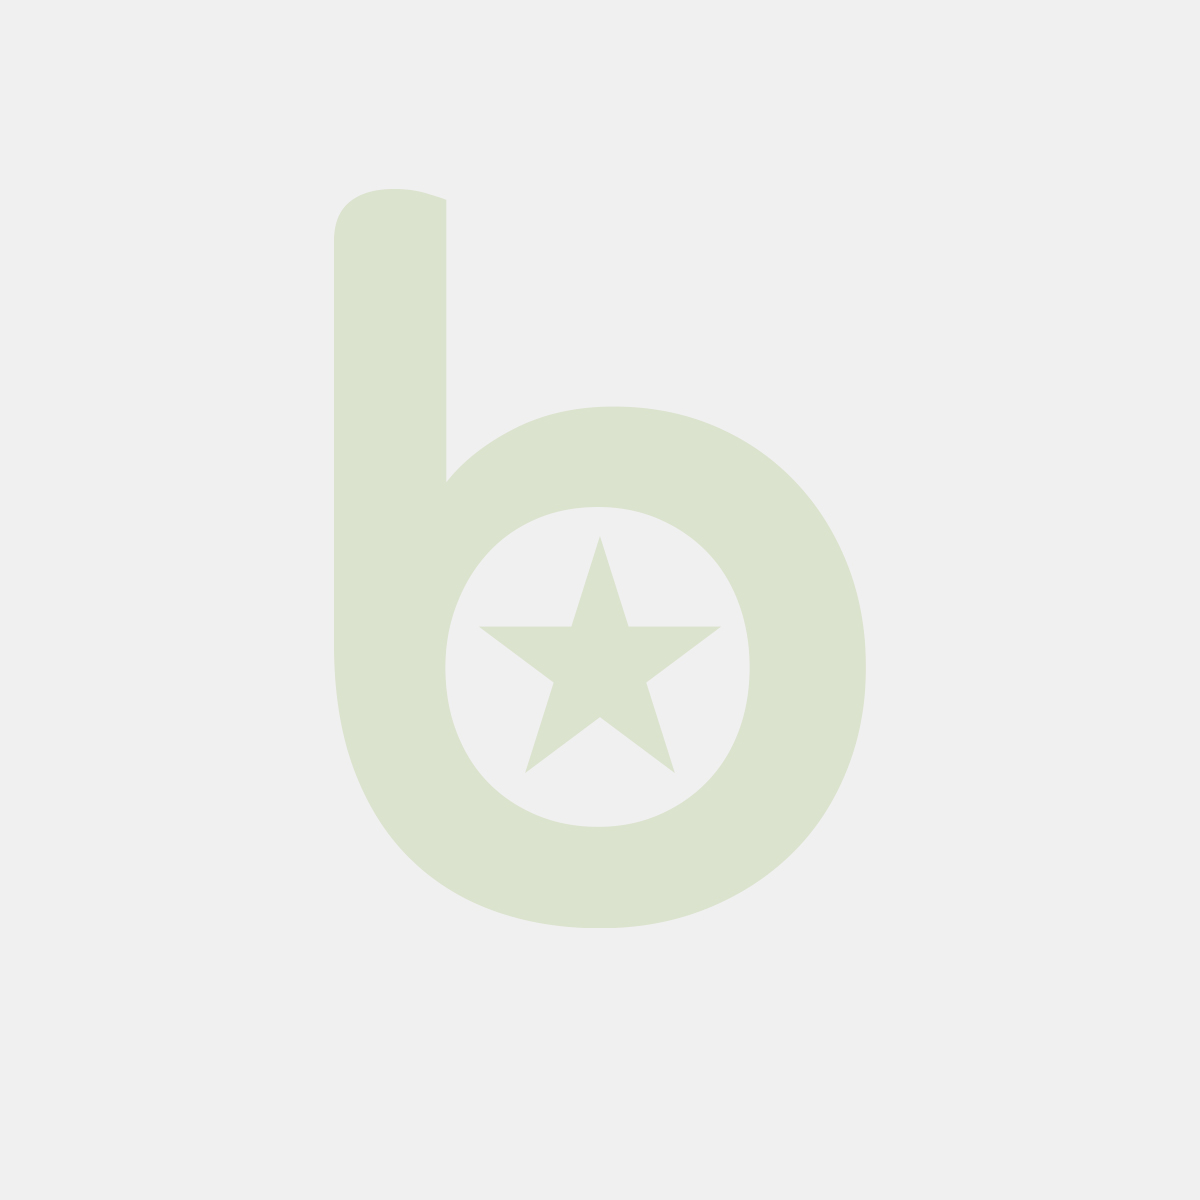 Konfekcja SUPERIOR czarna serwetka, transparentny widelec w folii TnP op. 200 zestawów